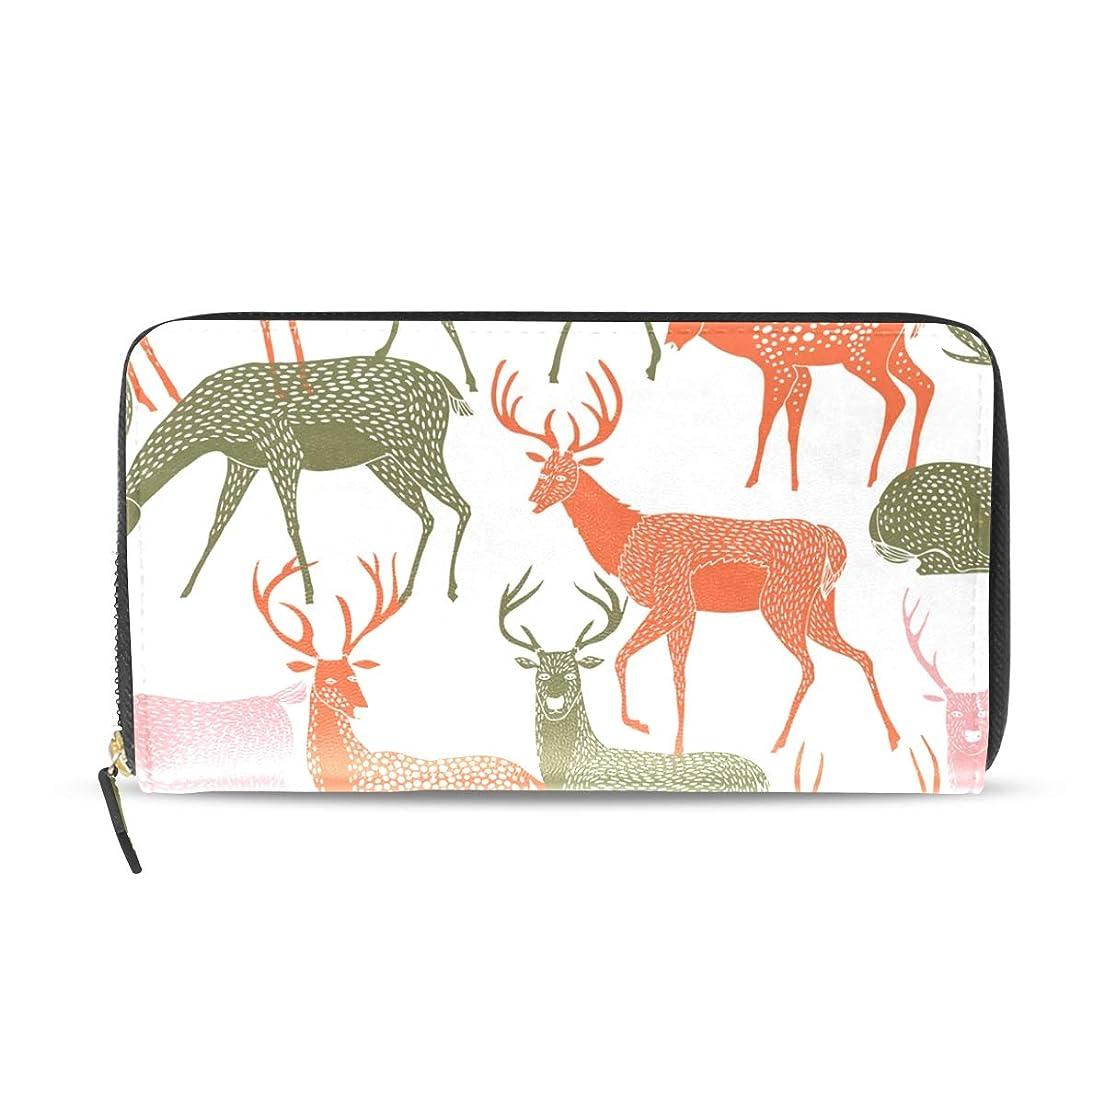 覚醒動力学うんざりマキク(MAKIKU) 財布 レディース 長財布 本革 大容量 鹿柄 動物 カラフル プレゼント対応